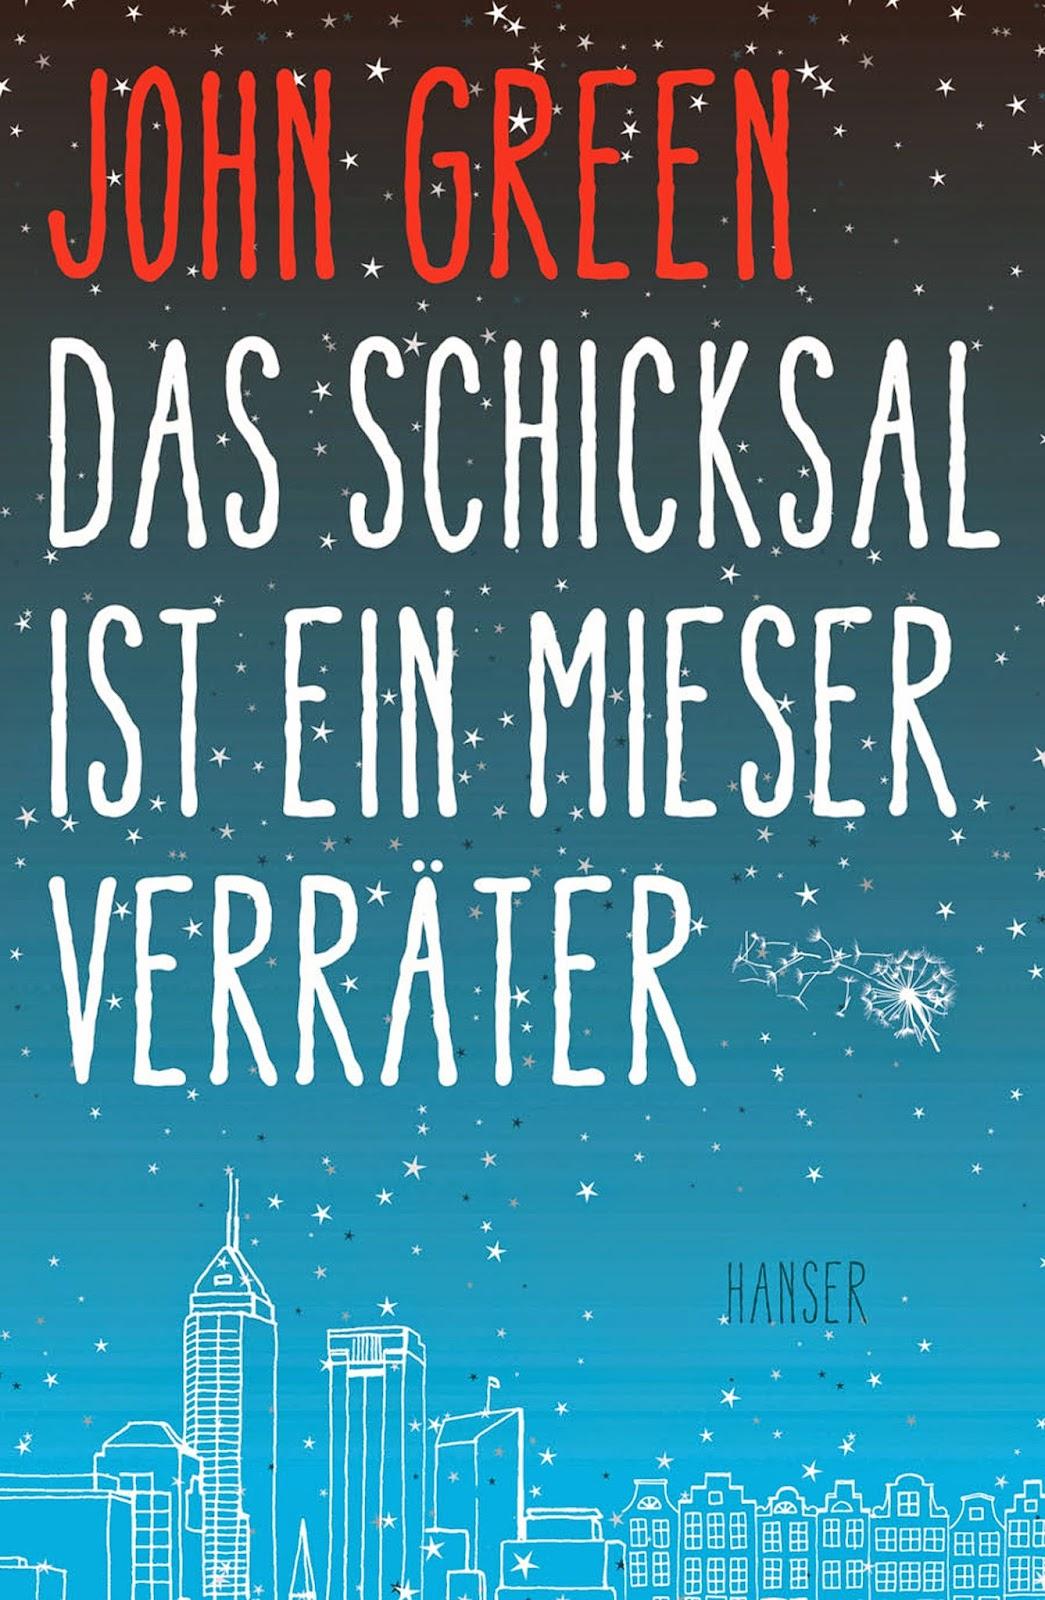 http://www.hanser-literaturverlage.de/buch/das-schicksal-ist-ein-mieser-verraeter/978-3-446-24009-4/